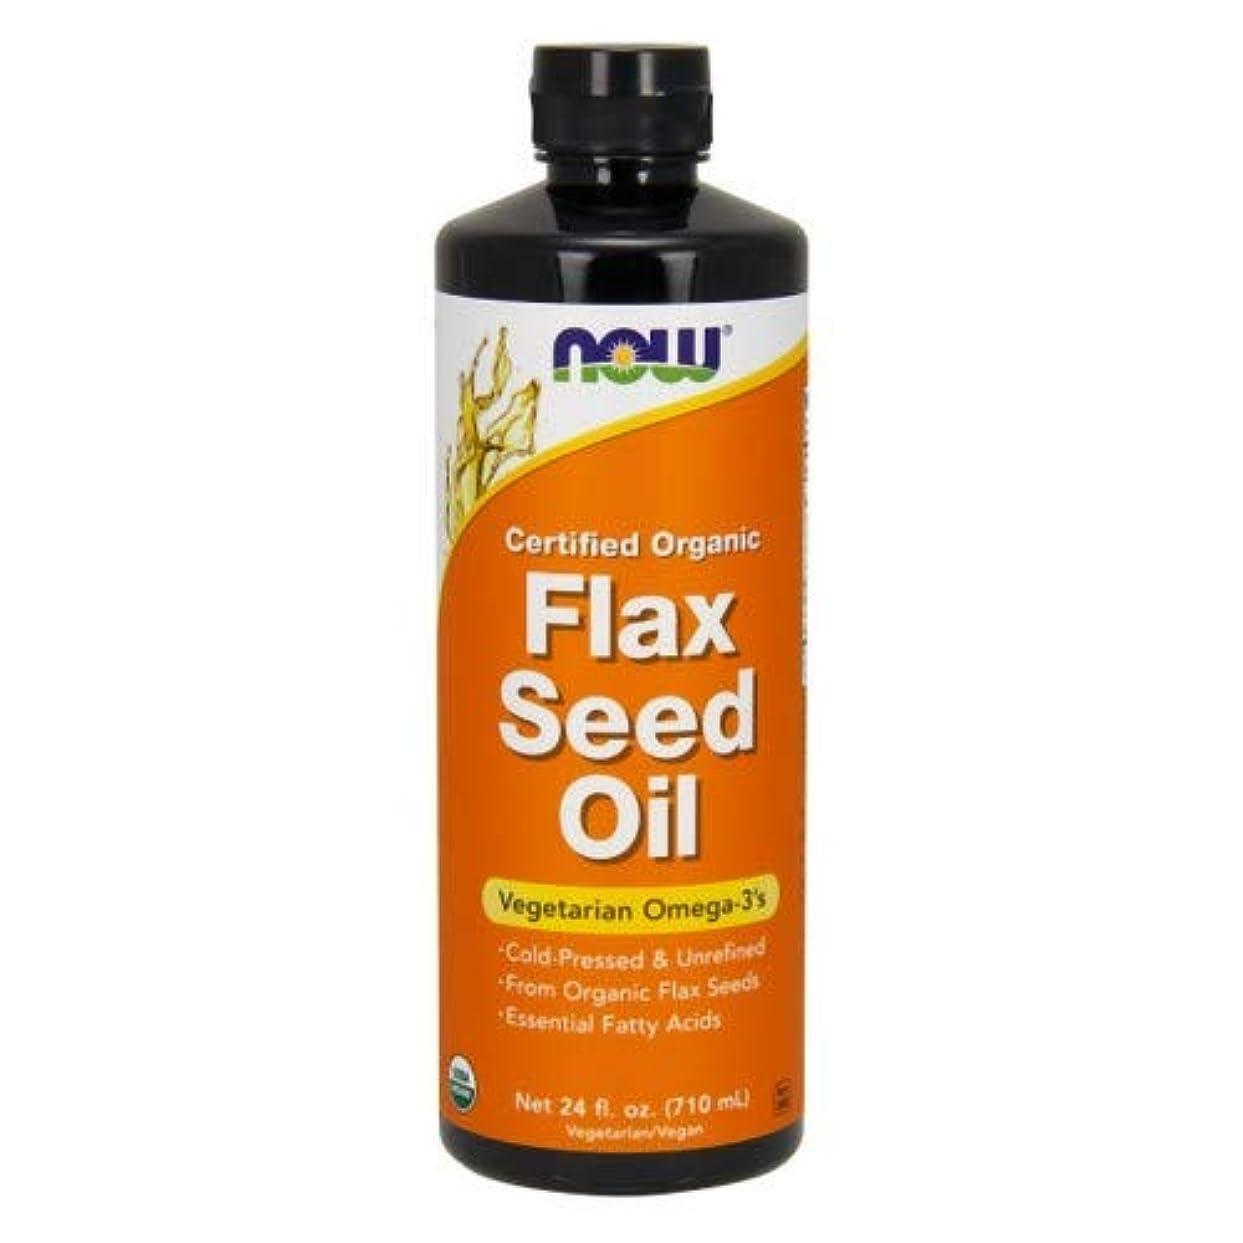 ジョージハンブリー自宅で高めるFlax Seed Oil (Certified Organic) 24